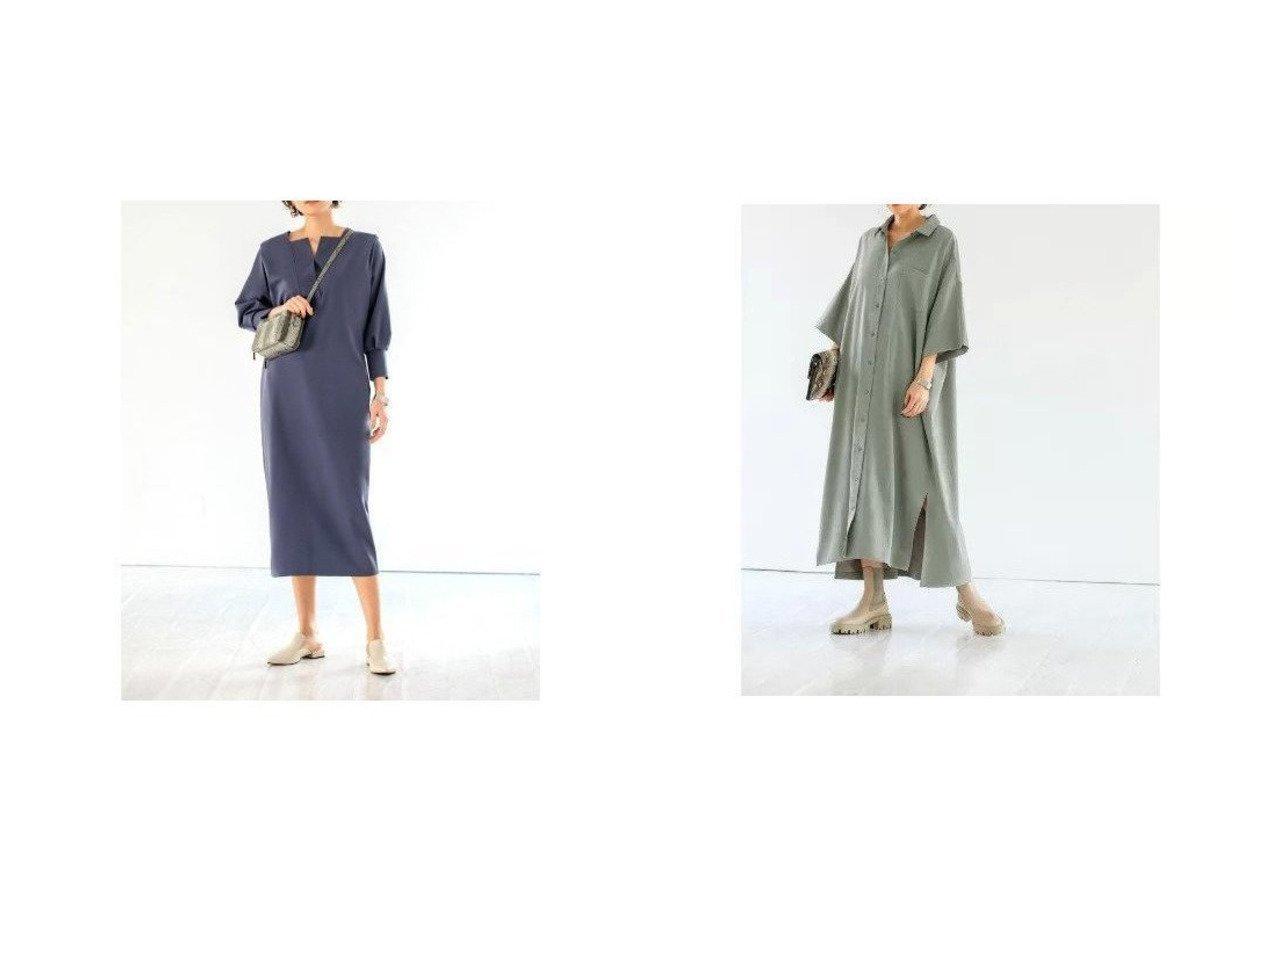 【STYLE DELI/スタイルデリ】の【LUXE】デザインネック立体ポンチワンピース&【LUXE】背面ギャザーBIGシャツロングワンピース 【ワンピース・ドレス】おすすめ!人気、トレンド・レディースファッションの通販 おすすめで人気の流行・トレンド、ファッションの通販商品 メンズファッション・キッズファッション・インテリア・家具・レディースファッション・服の通販 founy(ファニー) https://founy.com/ ファッション Fashion レディースファッション WOMEN ワンピース Dress シャツワンピース Shirt Dresses カットソー スタイリッシュ スニーカー タイツ 定番 Standard なめらか 人気 長袖 パープル フォルム フラット ペチコート ポケット ミュール イエロー ギャザー サテン シンプル スエード スリット デニム ピーチ フロント レギンス ロング |ID:crp329100000031143